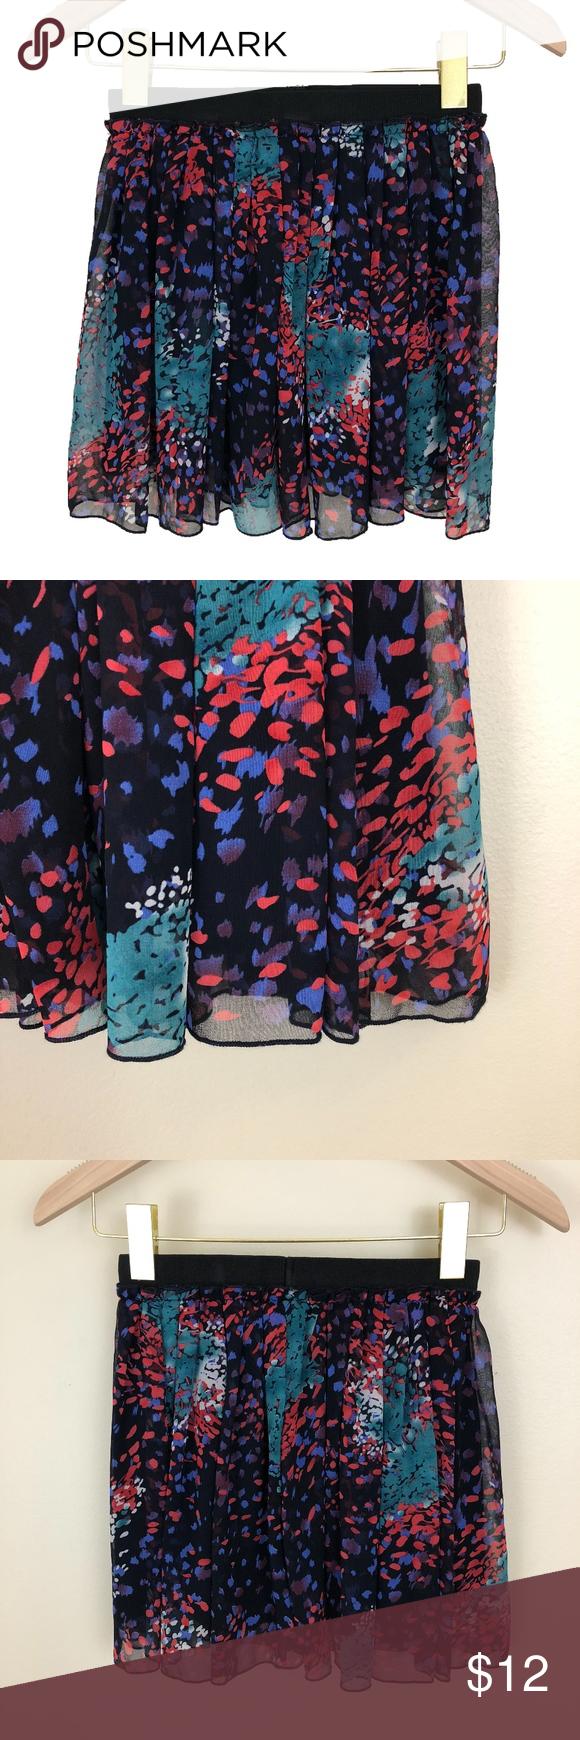 FOREVER21 Mini Skater Skirt ▫️Black with pink 0a496e254